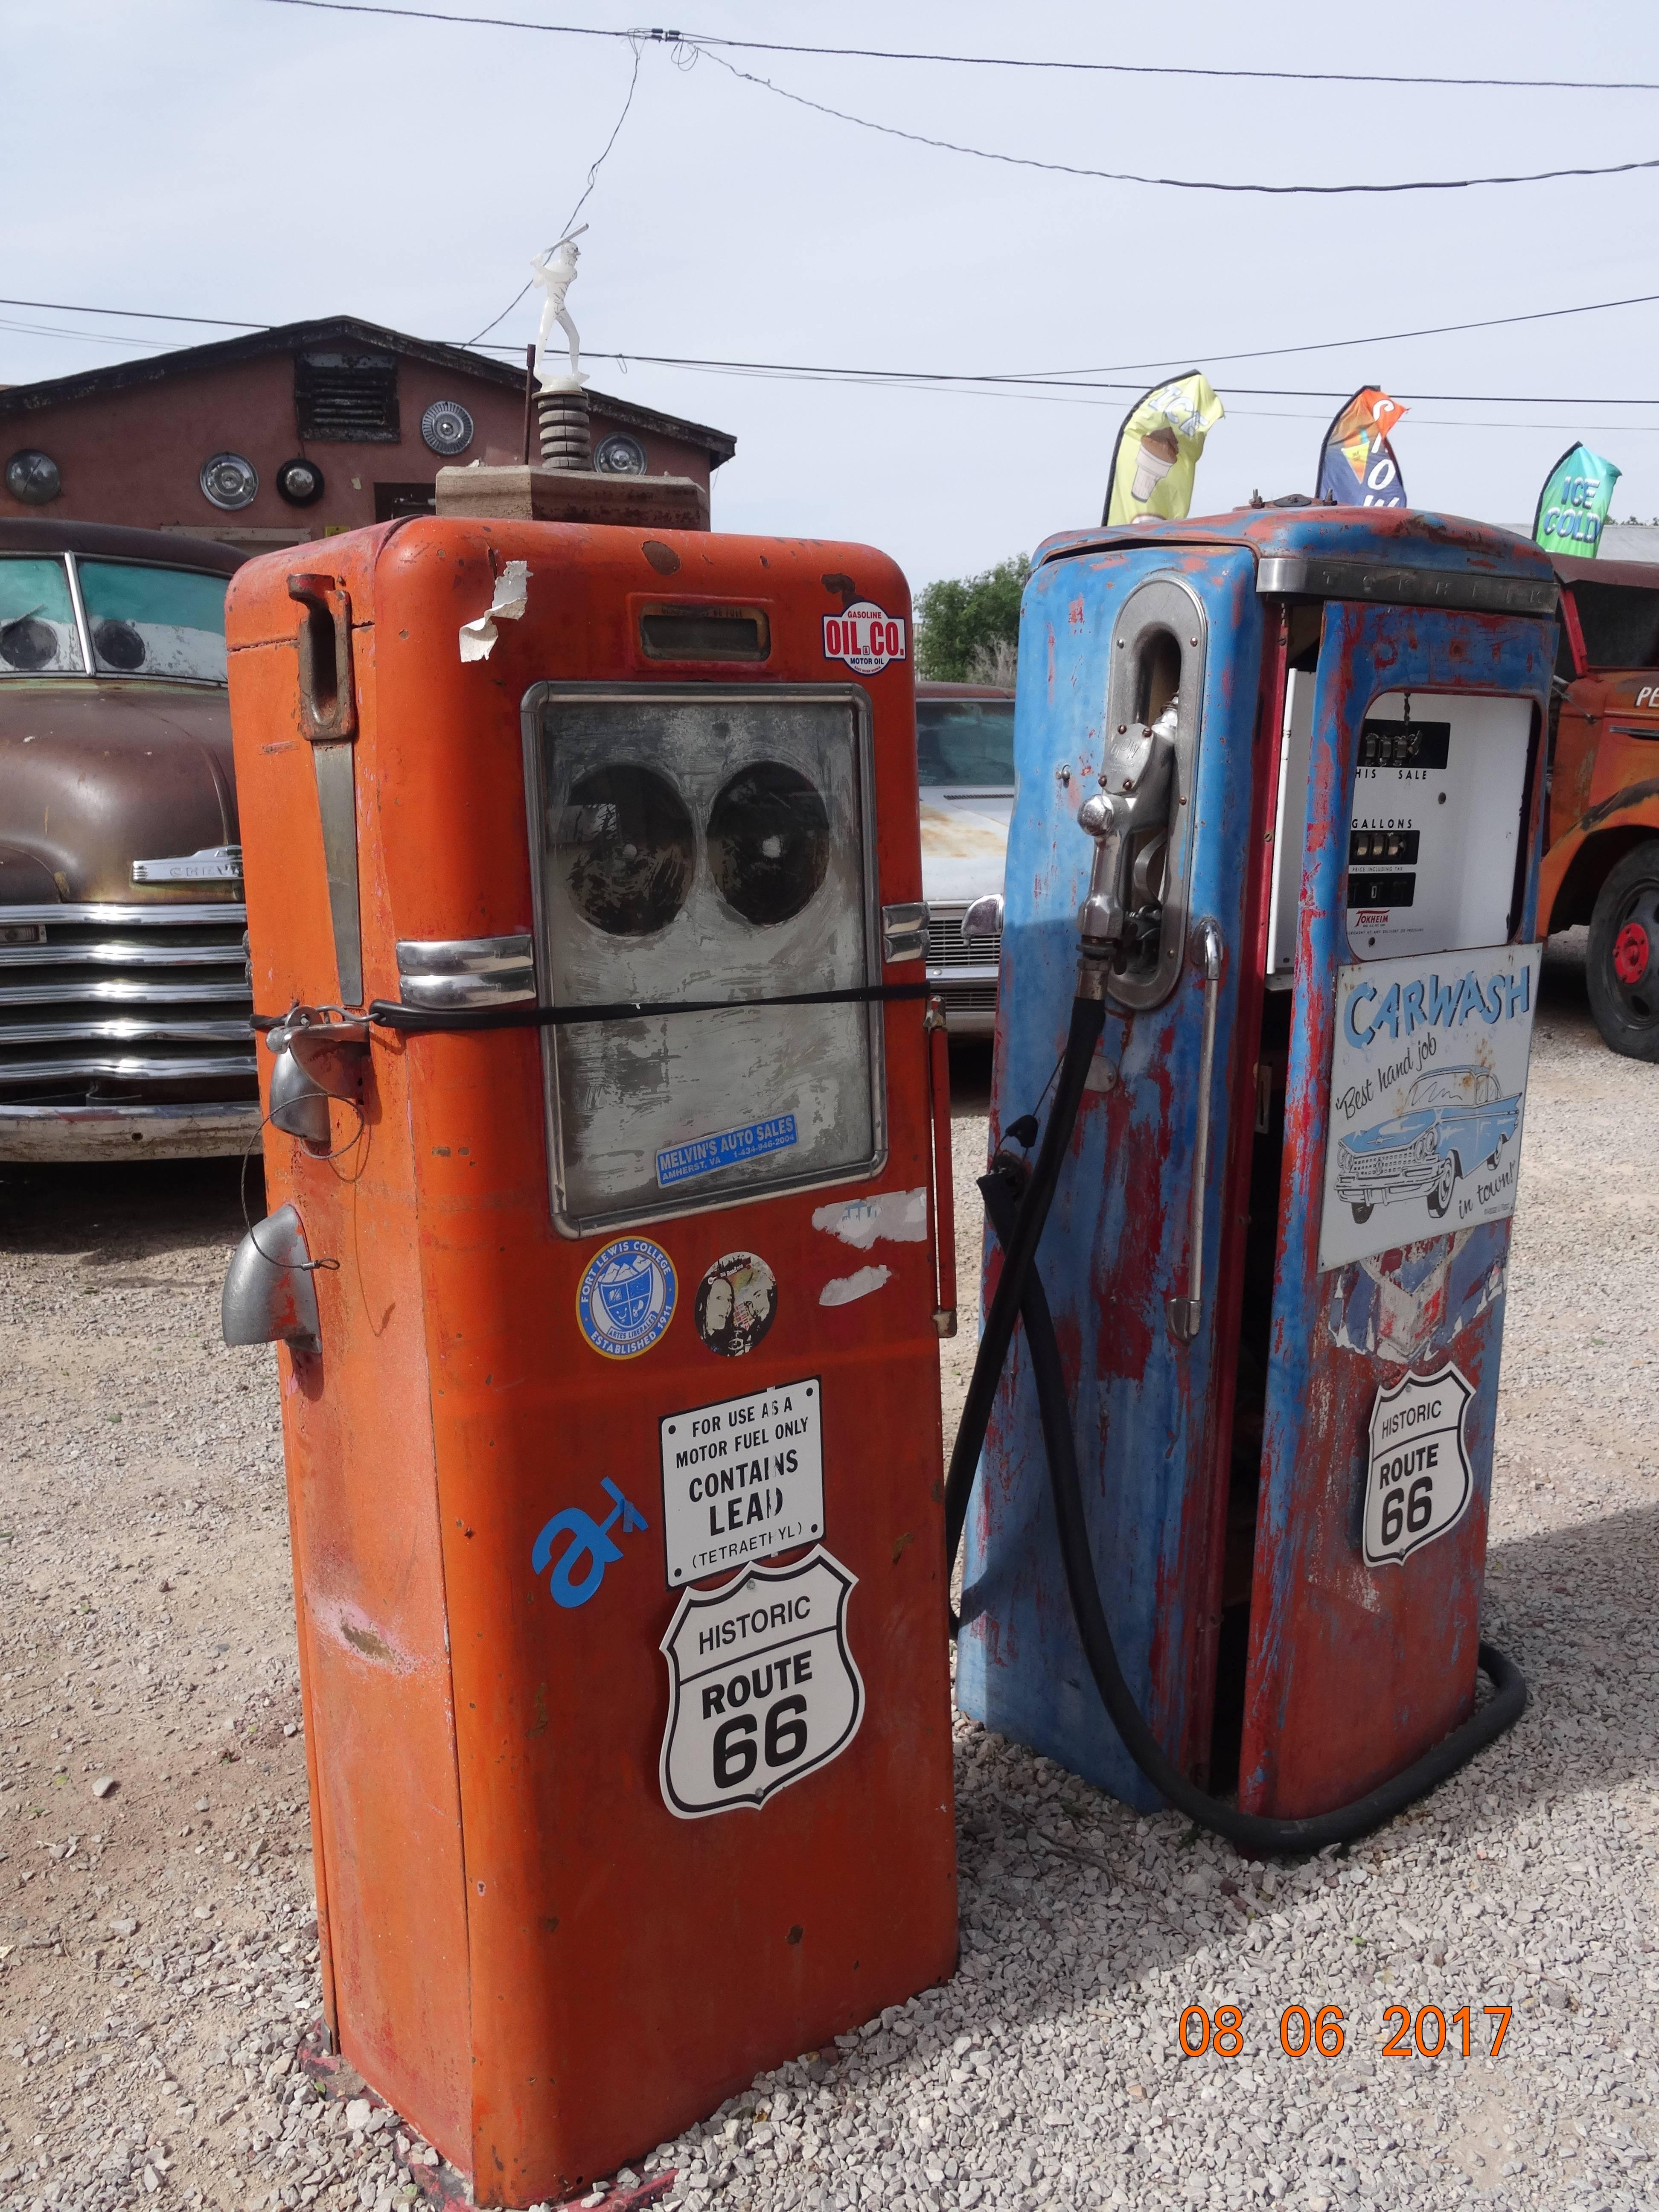 Photo 3: Petit arrêt sur la mythique Route 66 - USA